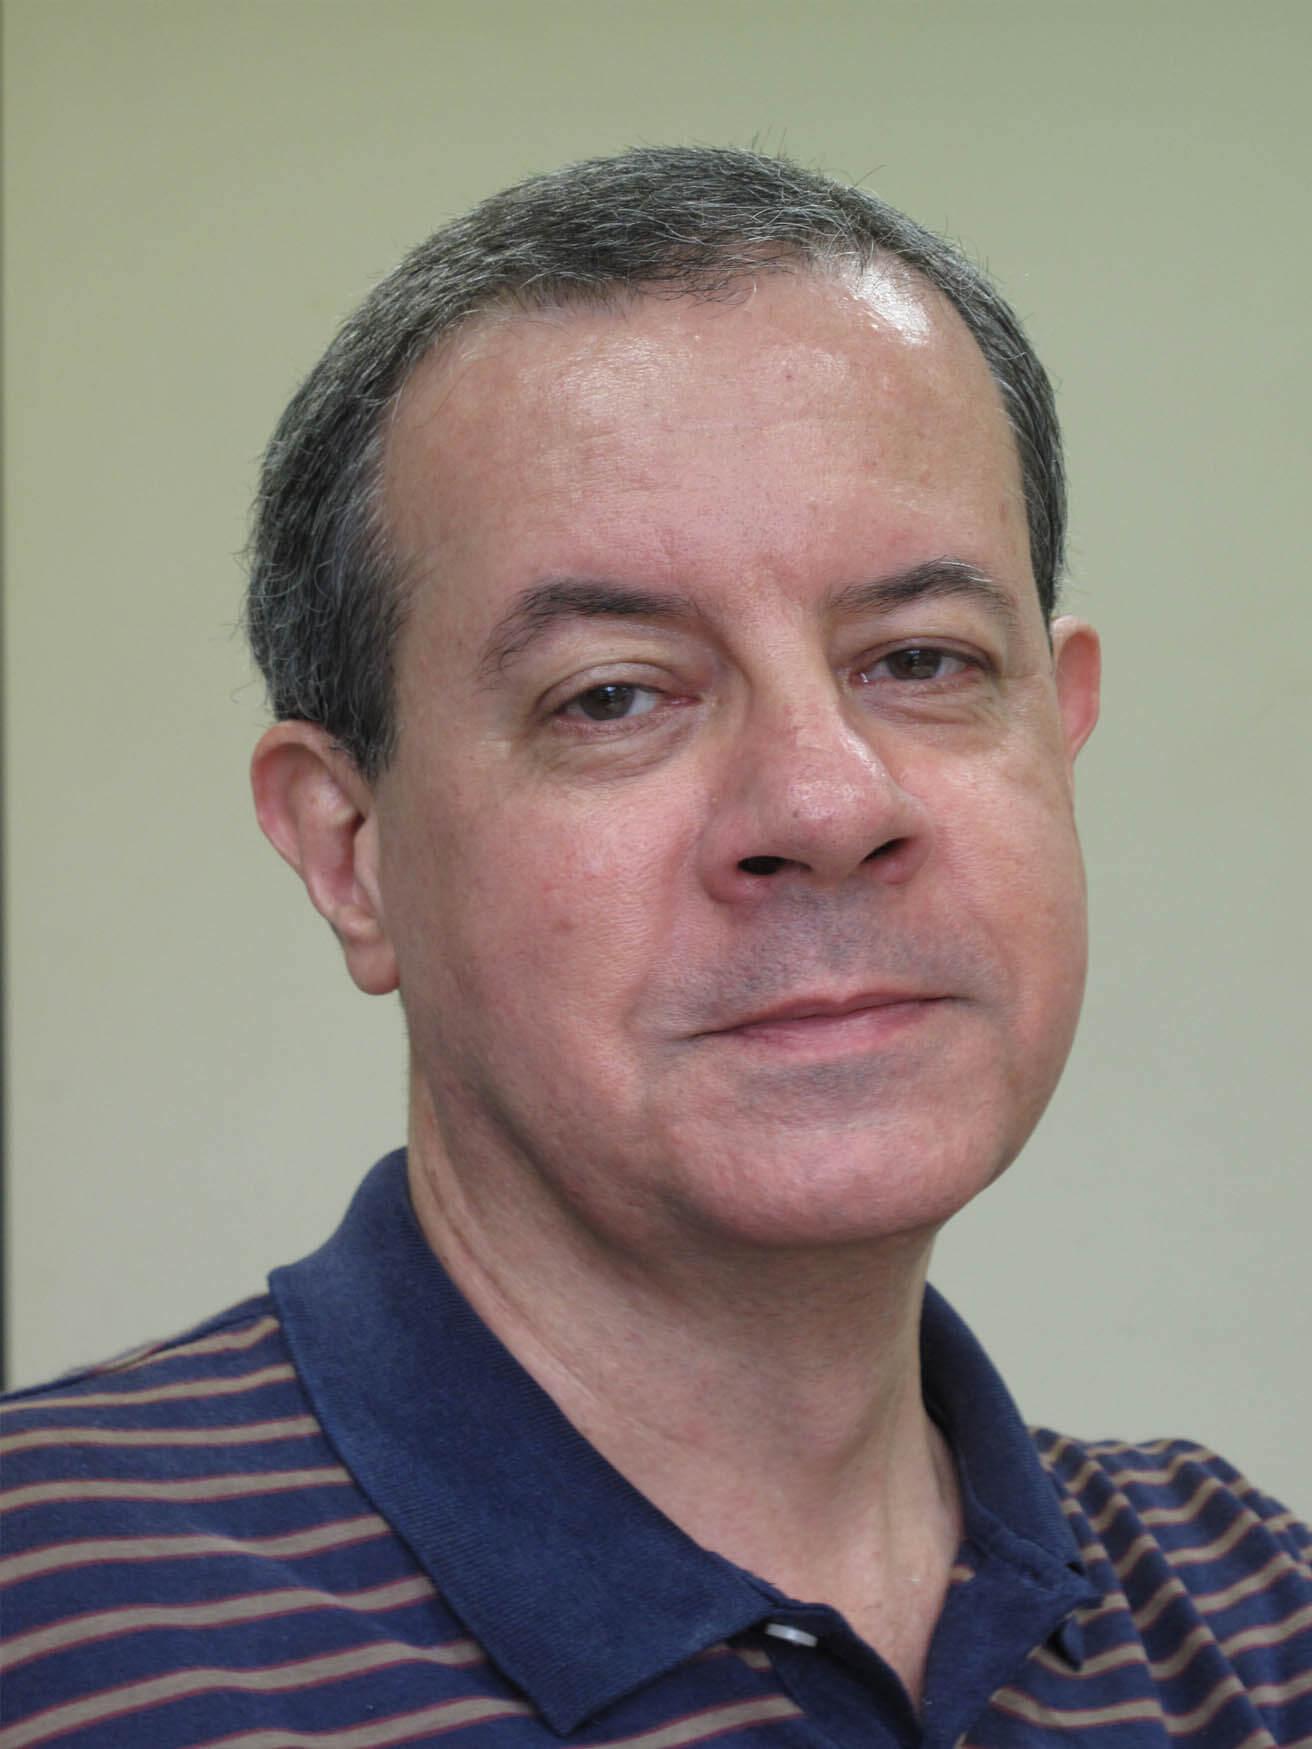 EMANOEL PAIVA DE OLIVEIRA COSTA